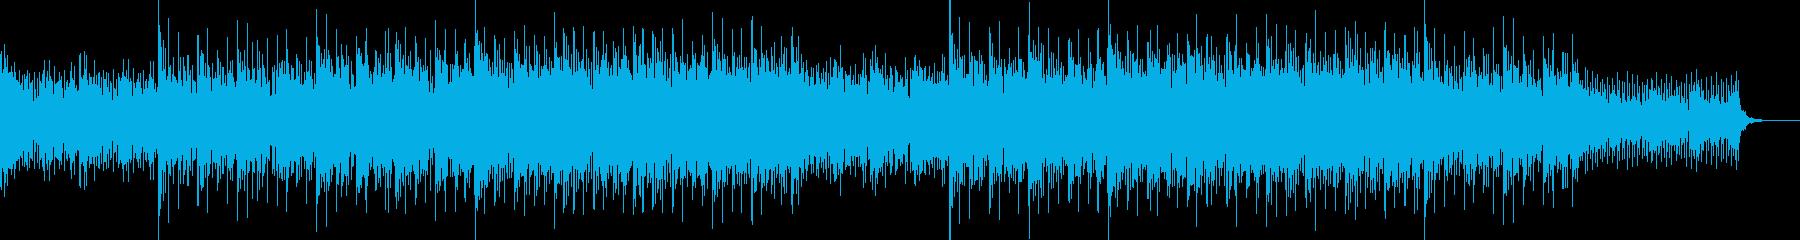 エレクトロニカBGMの再生済みの波形